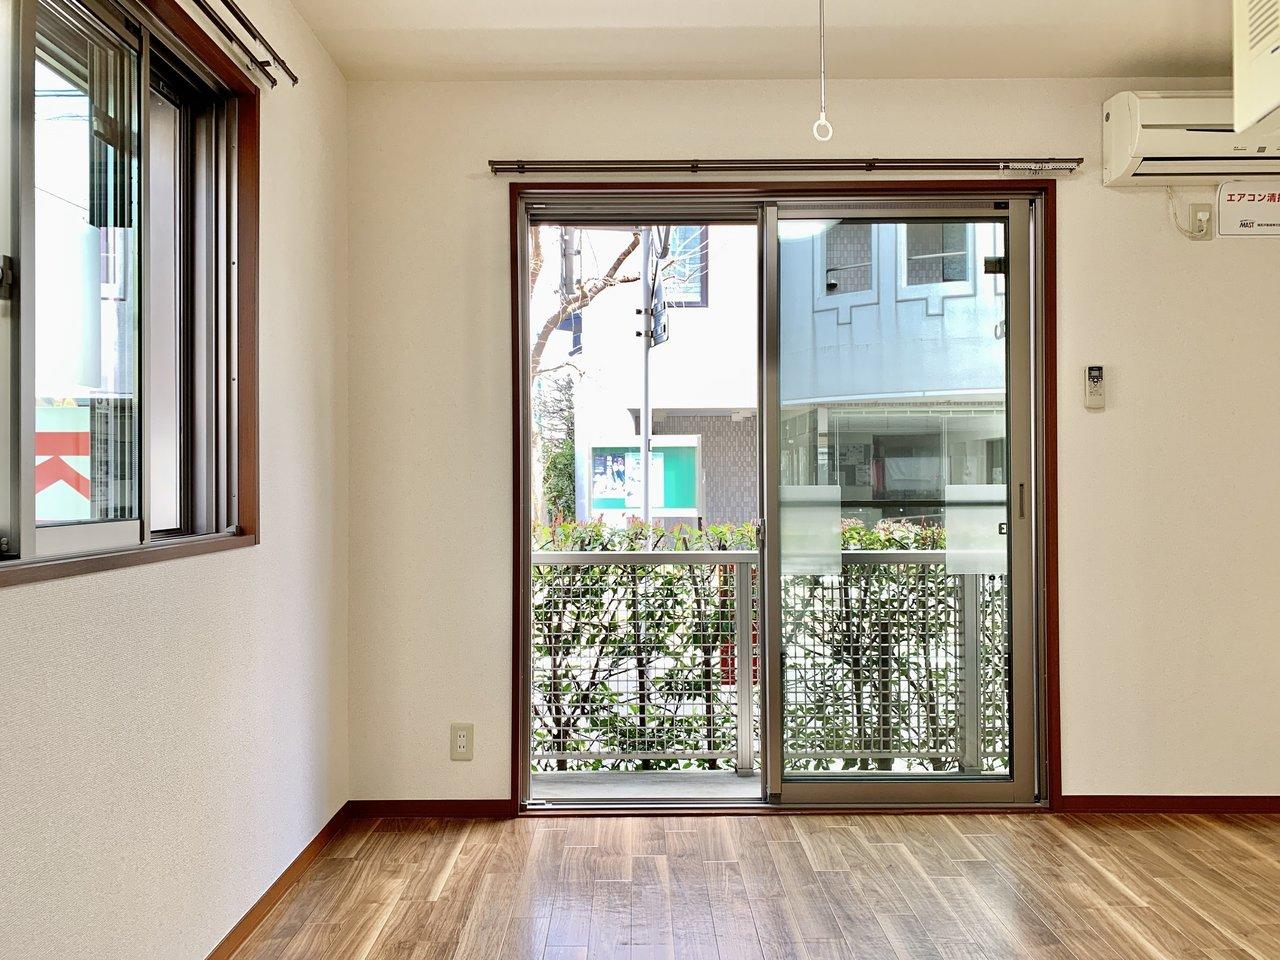 外の緑が目に優しいお部屋をご紹介。居室自体はコンパクトですが、水回りはすべて独立していますし、キッチンもなかなかの広さで暮らしやすいと思います。徒歩約5分と駅まで近いのもうれしい。